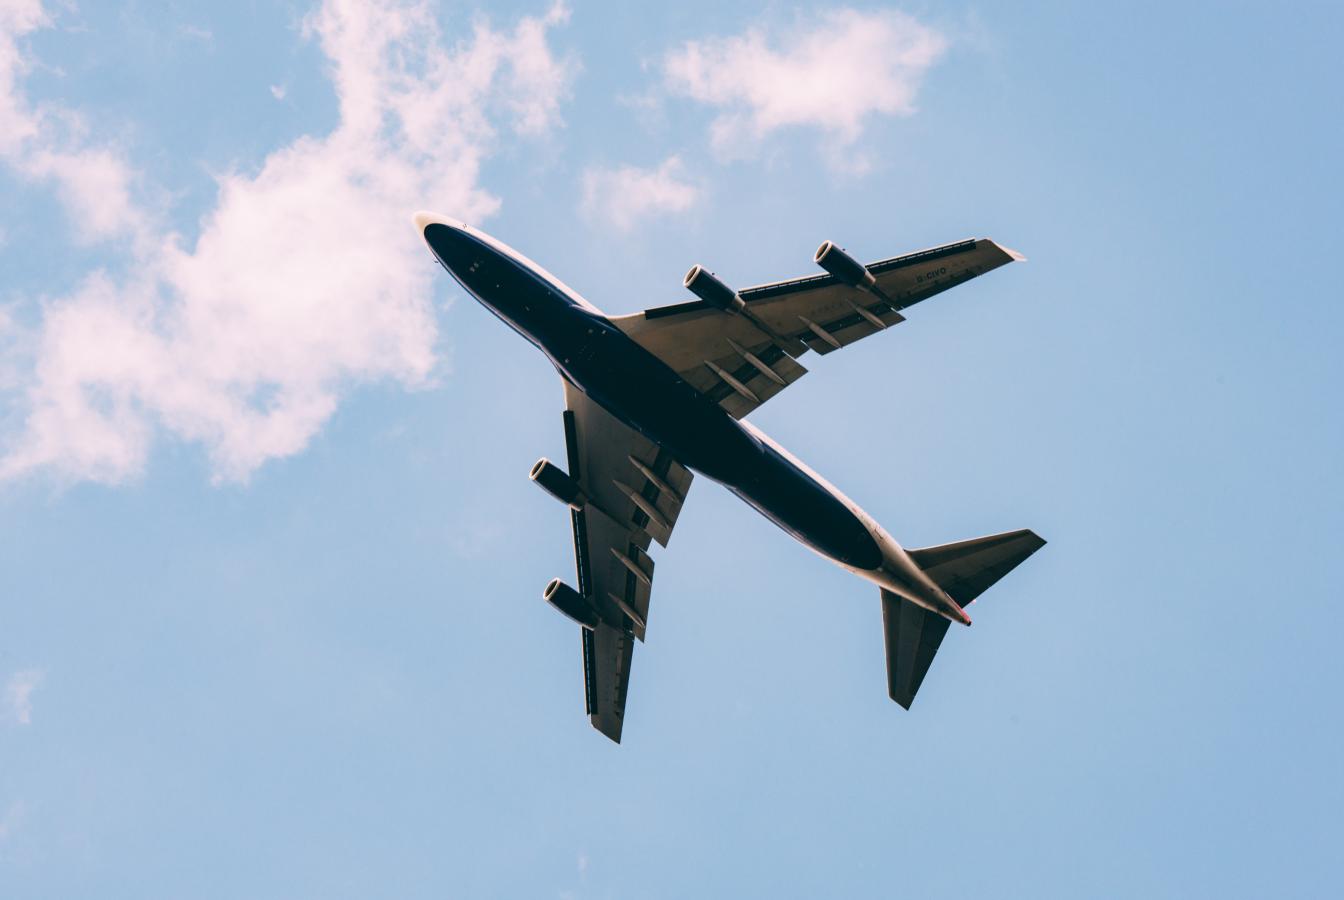 Passenger plane flying overhead